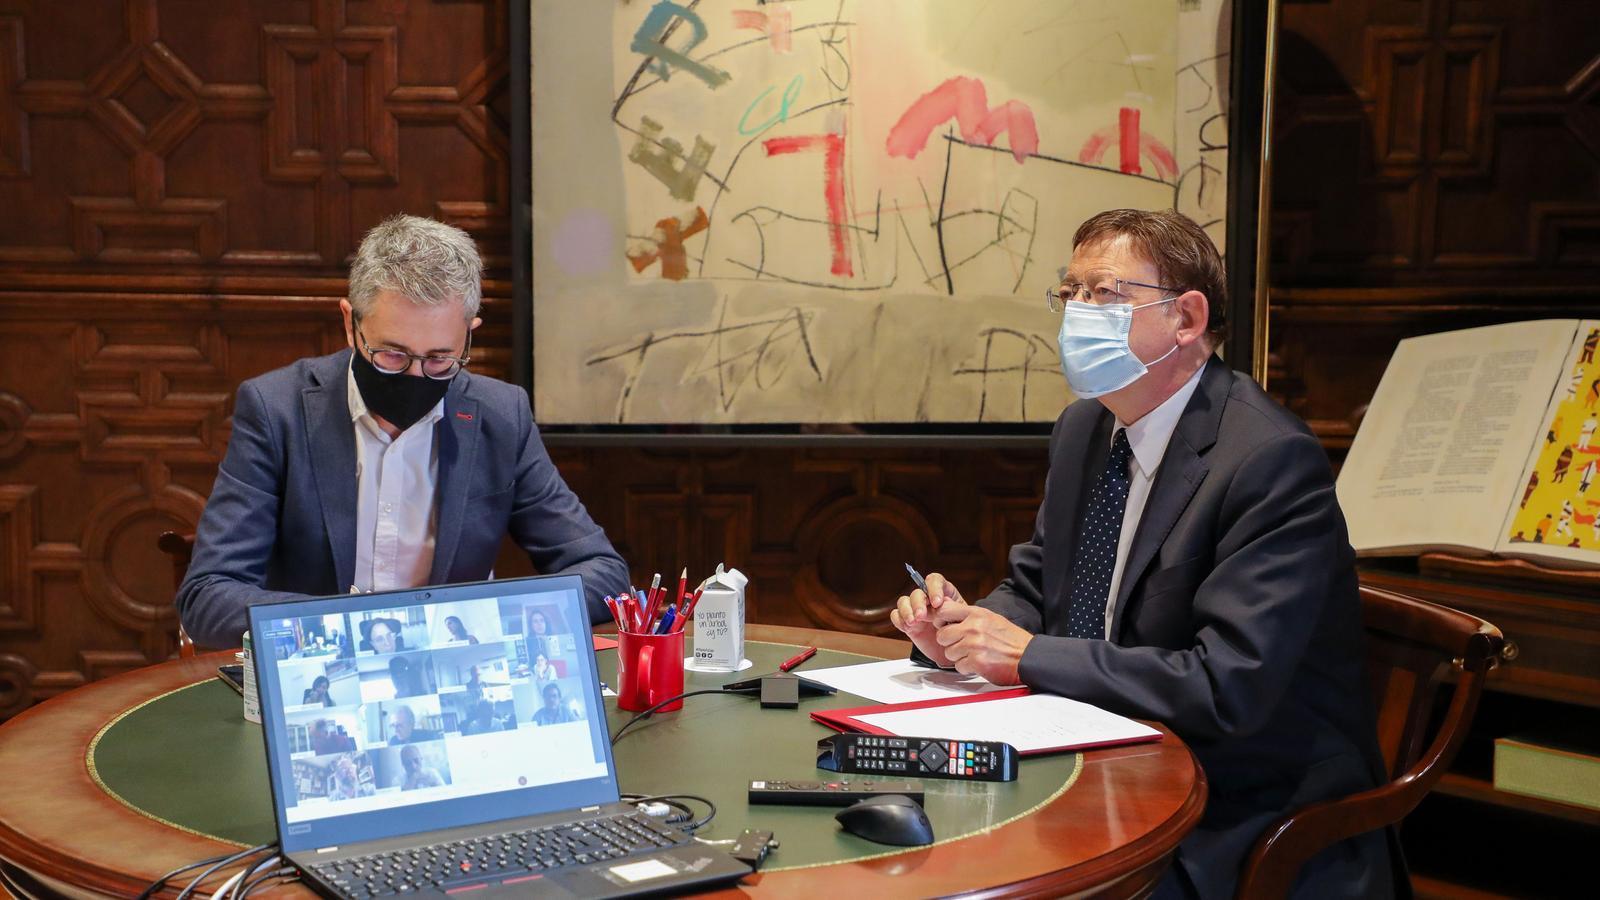 El cap del Consell, Ximo Puig, amb el conseller de Política Territorial, Obres Públiques i Mobilitat, Arcadi España, durant una reunió amb experts sobre el coronavirus